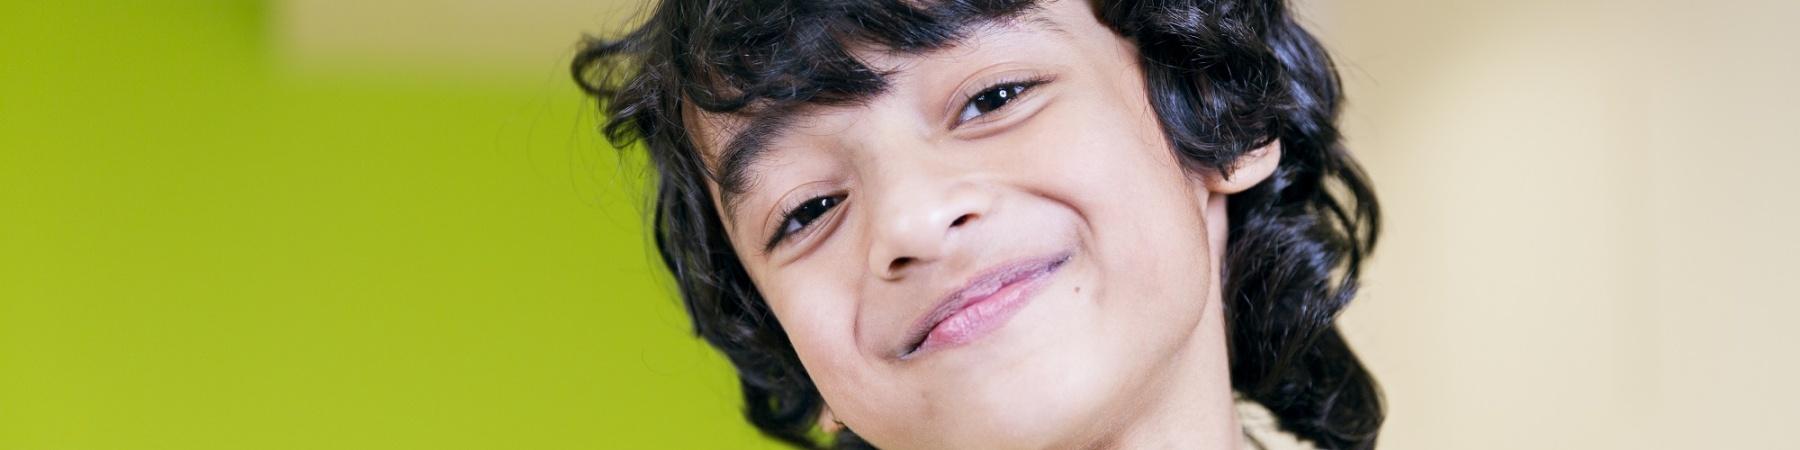 Bambino sorridente per 5x1000